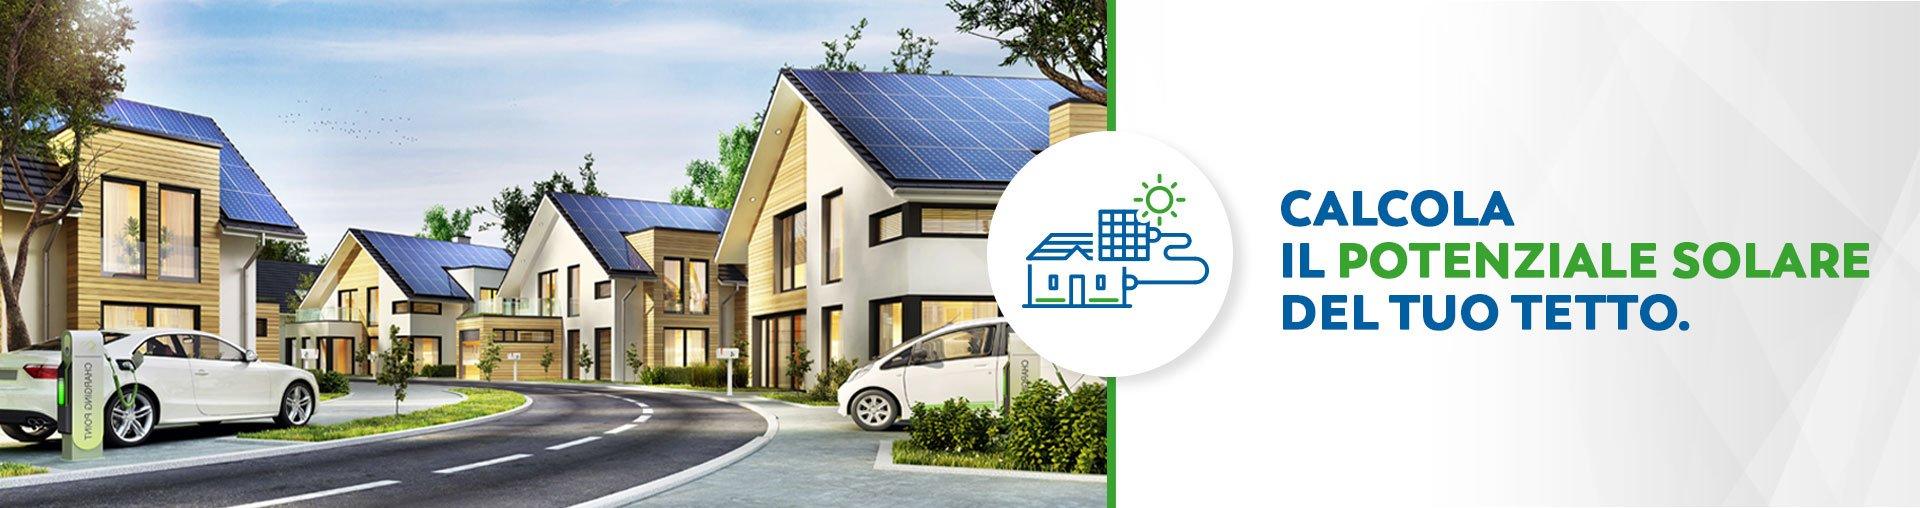 SB energetica calcolo potenziale solare del tetto Energie rinnovabili risparmio economico impianti fotovoltaici solare termico sistemi di accumulo colonnine elettriche led